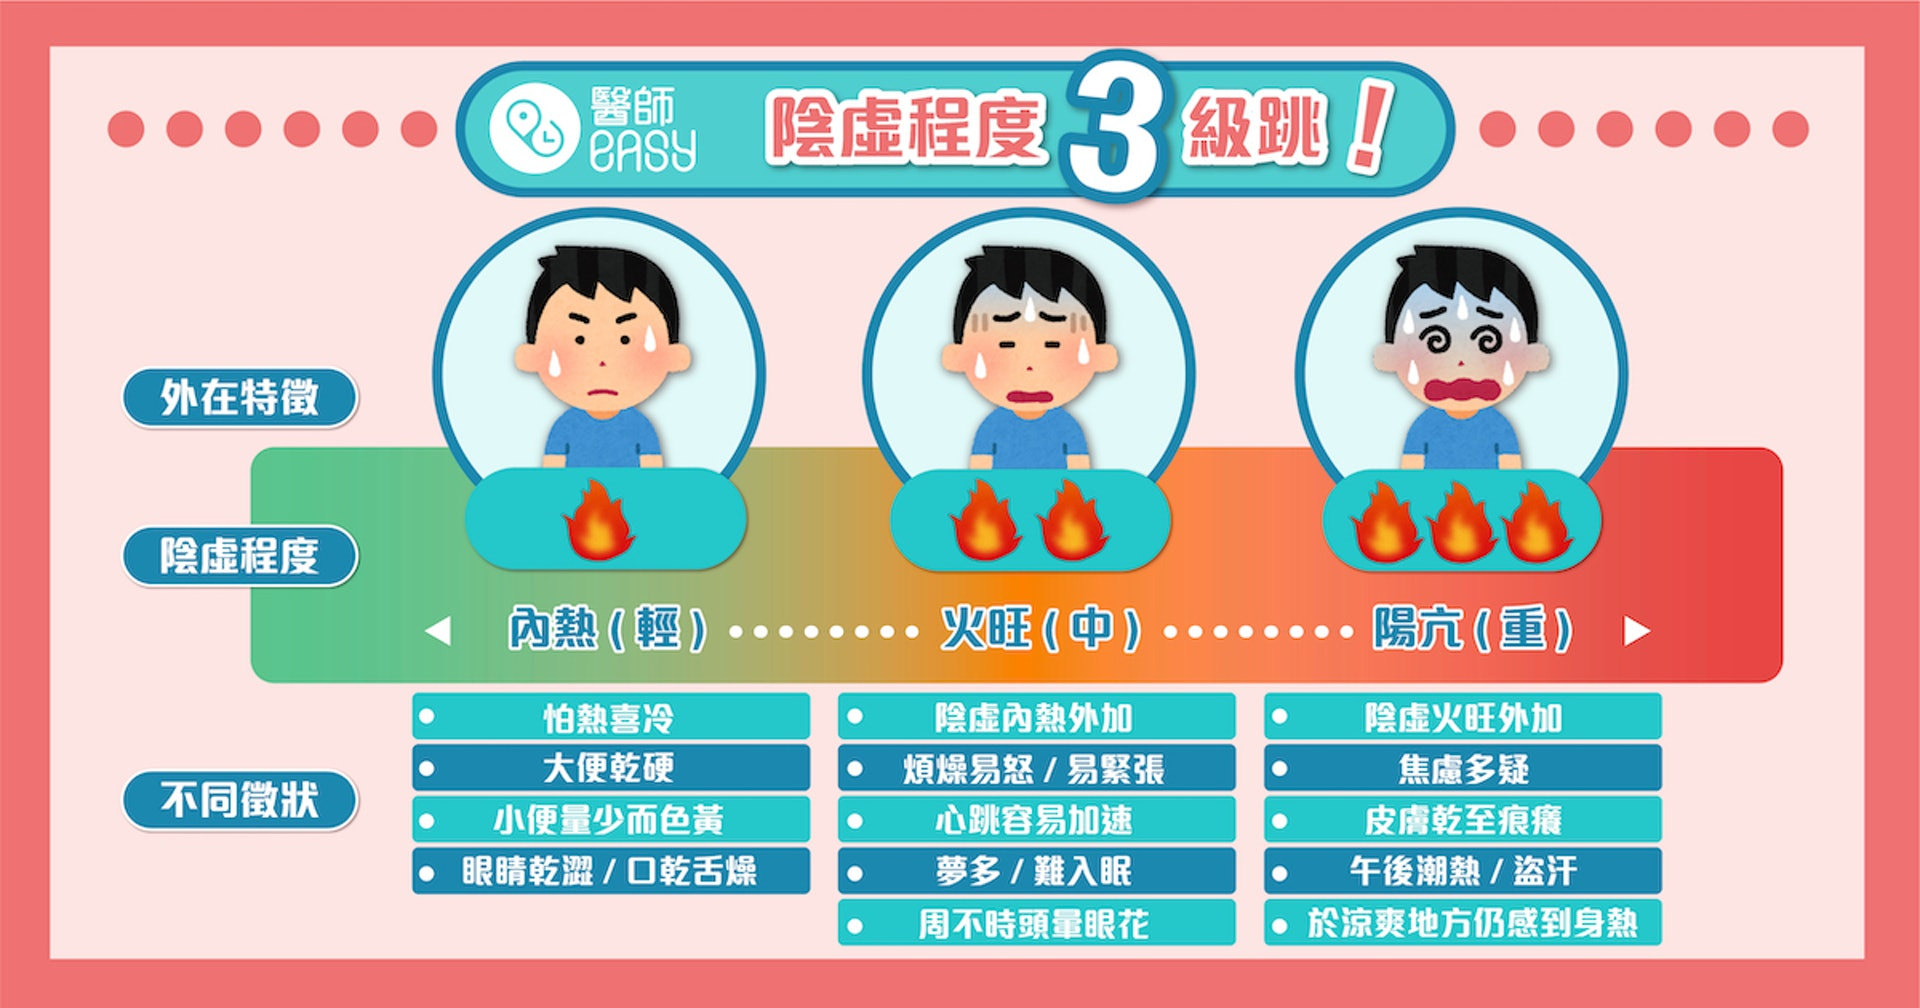 陰虛主要劃分三個嚴重程度,須以滋養陰液去改善病徵 (圖片來源: 醫師Easy)